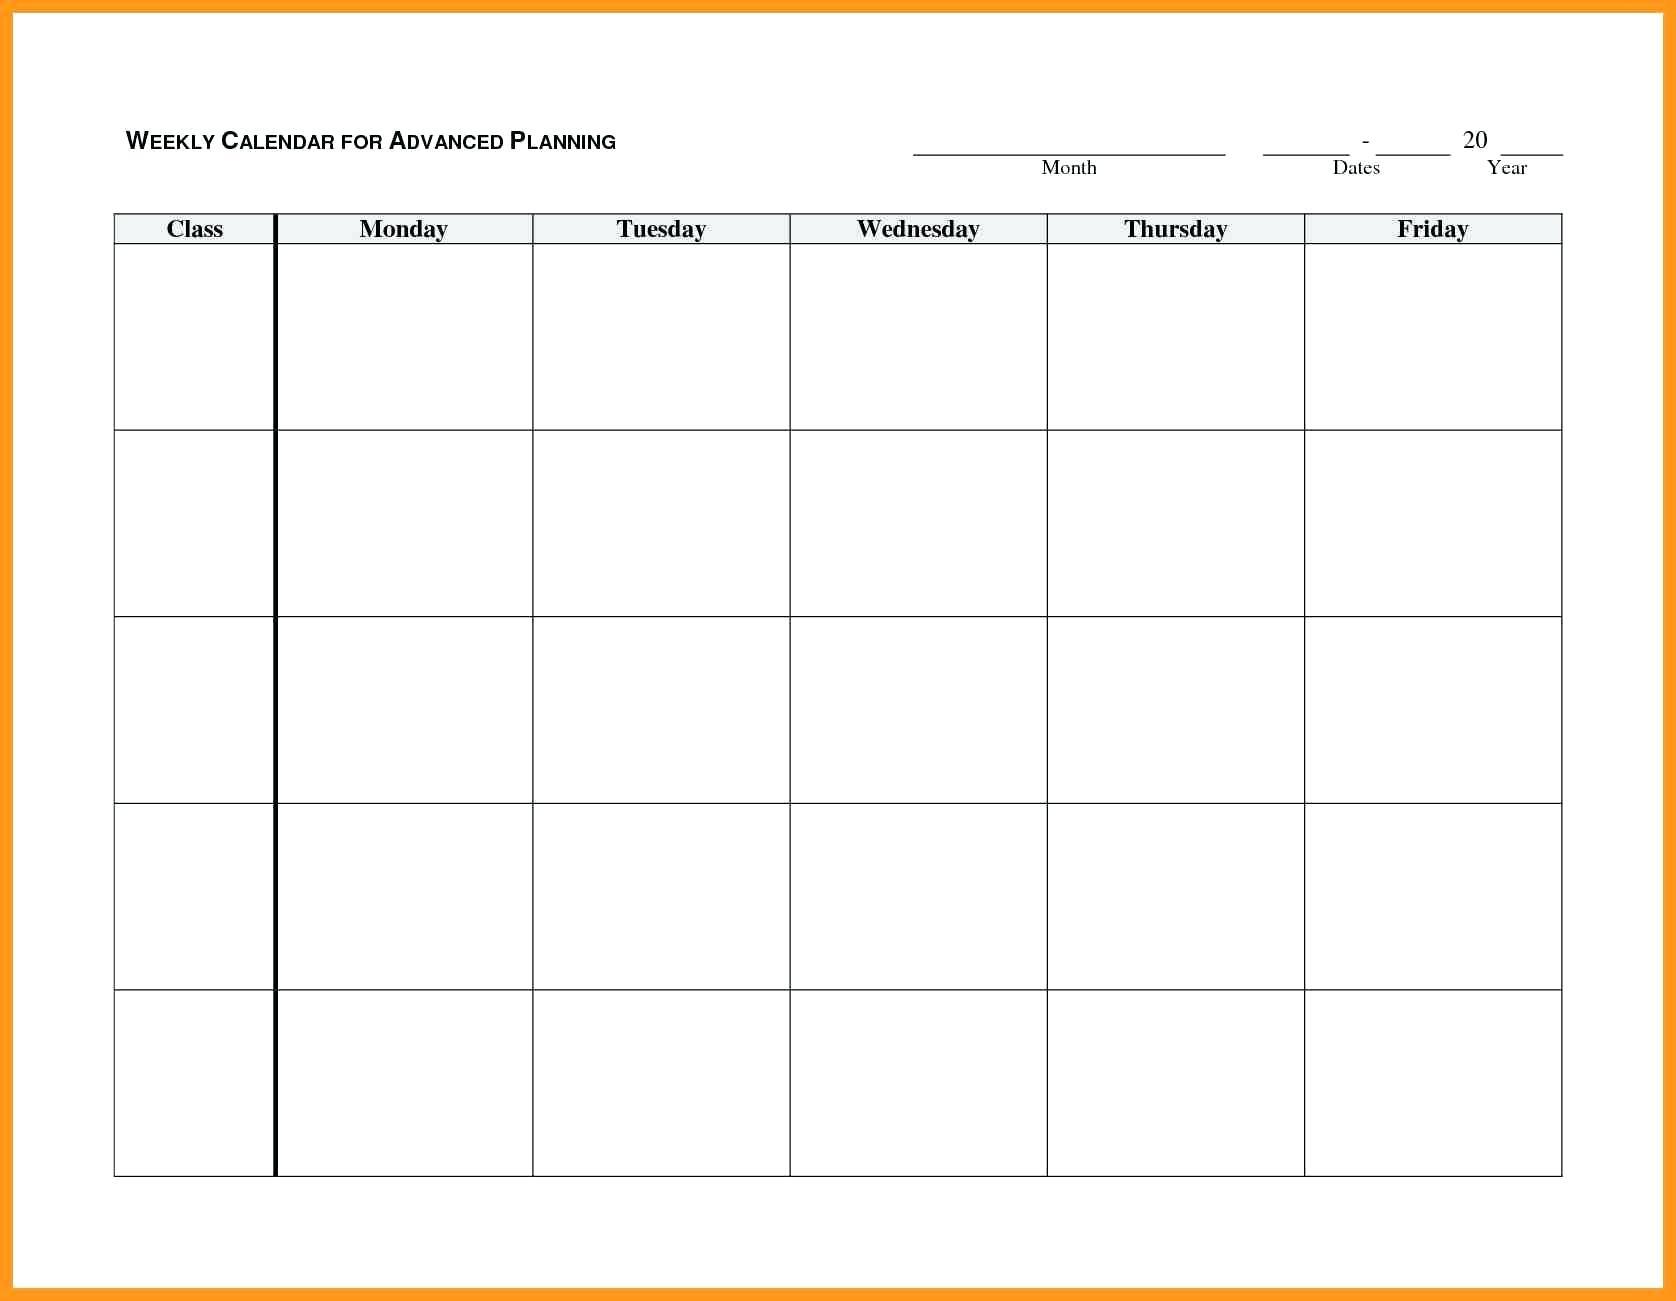 Blank Mondayfriday Calendar Templates   Example Calendar for Blank Calendar Monday Through Friday